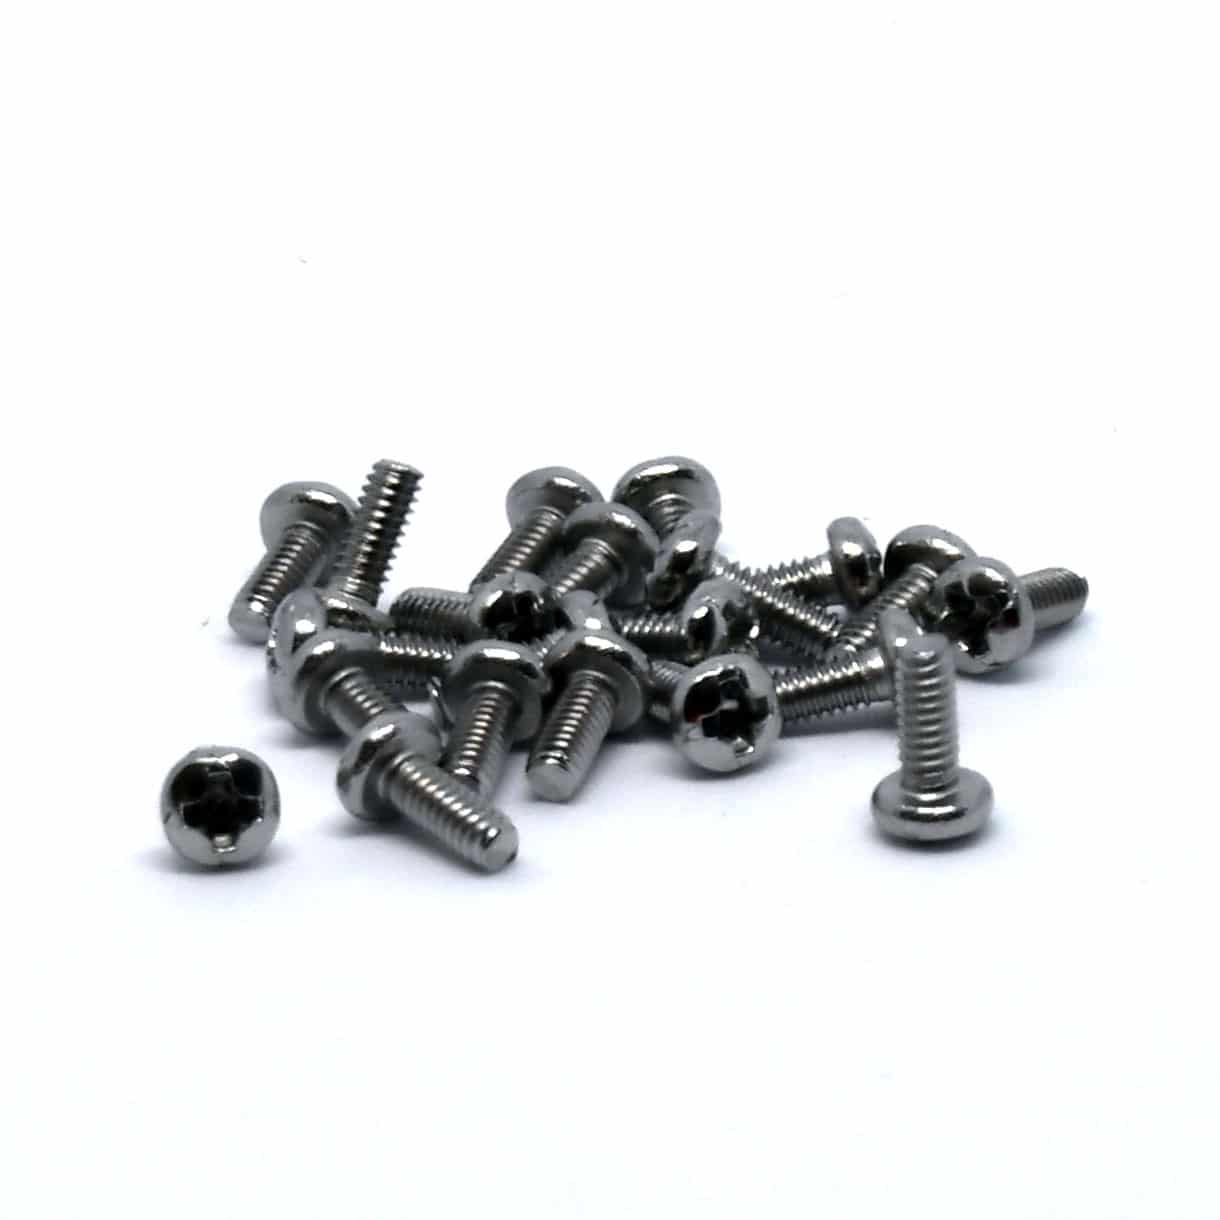 M2 5mm Pan Head Screws